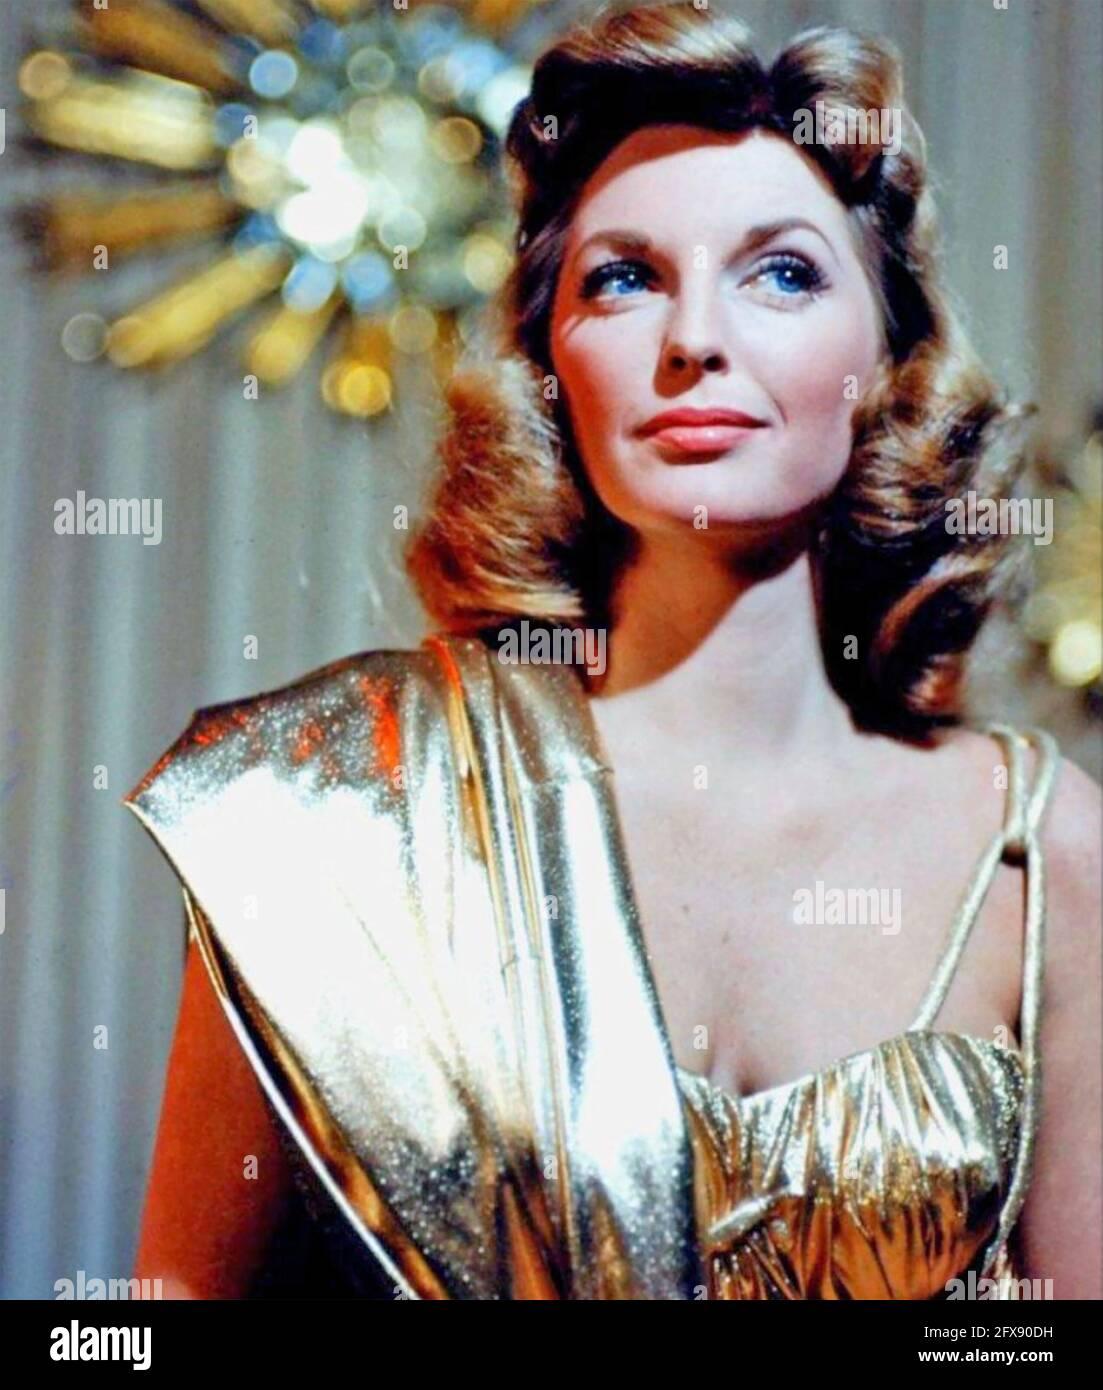 JULIE LONDON (1926-2000) amerikanische Sängerin und schauspielerin der fim um 1957 Stockfoto